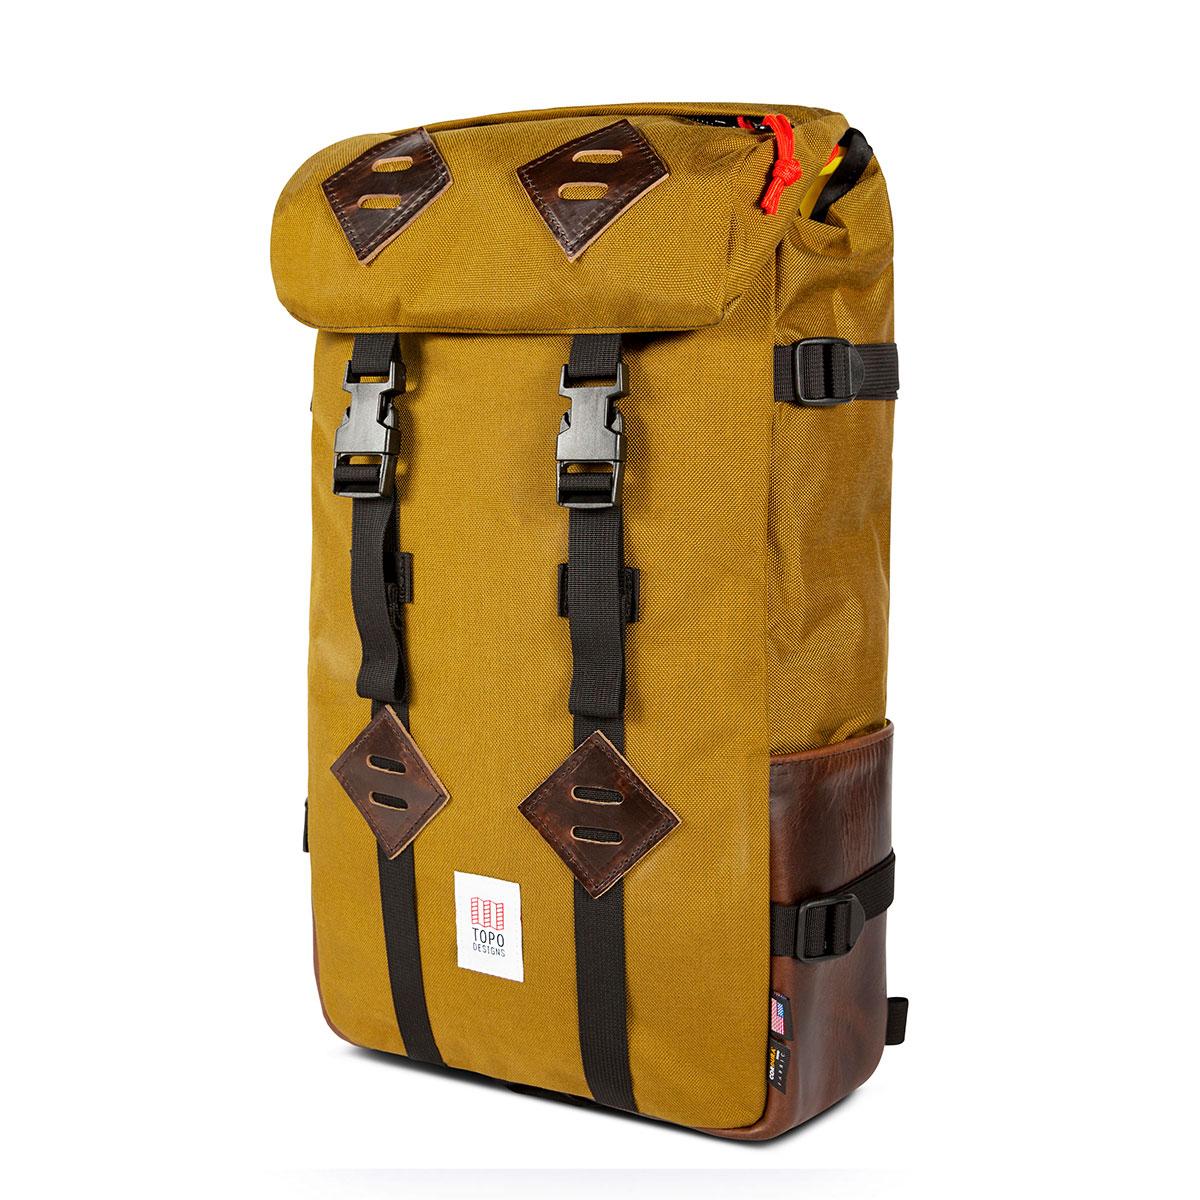 Topo Designs Klettersack Duck Brown/Dark Brown Leather